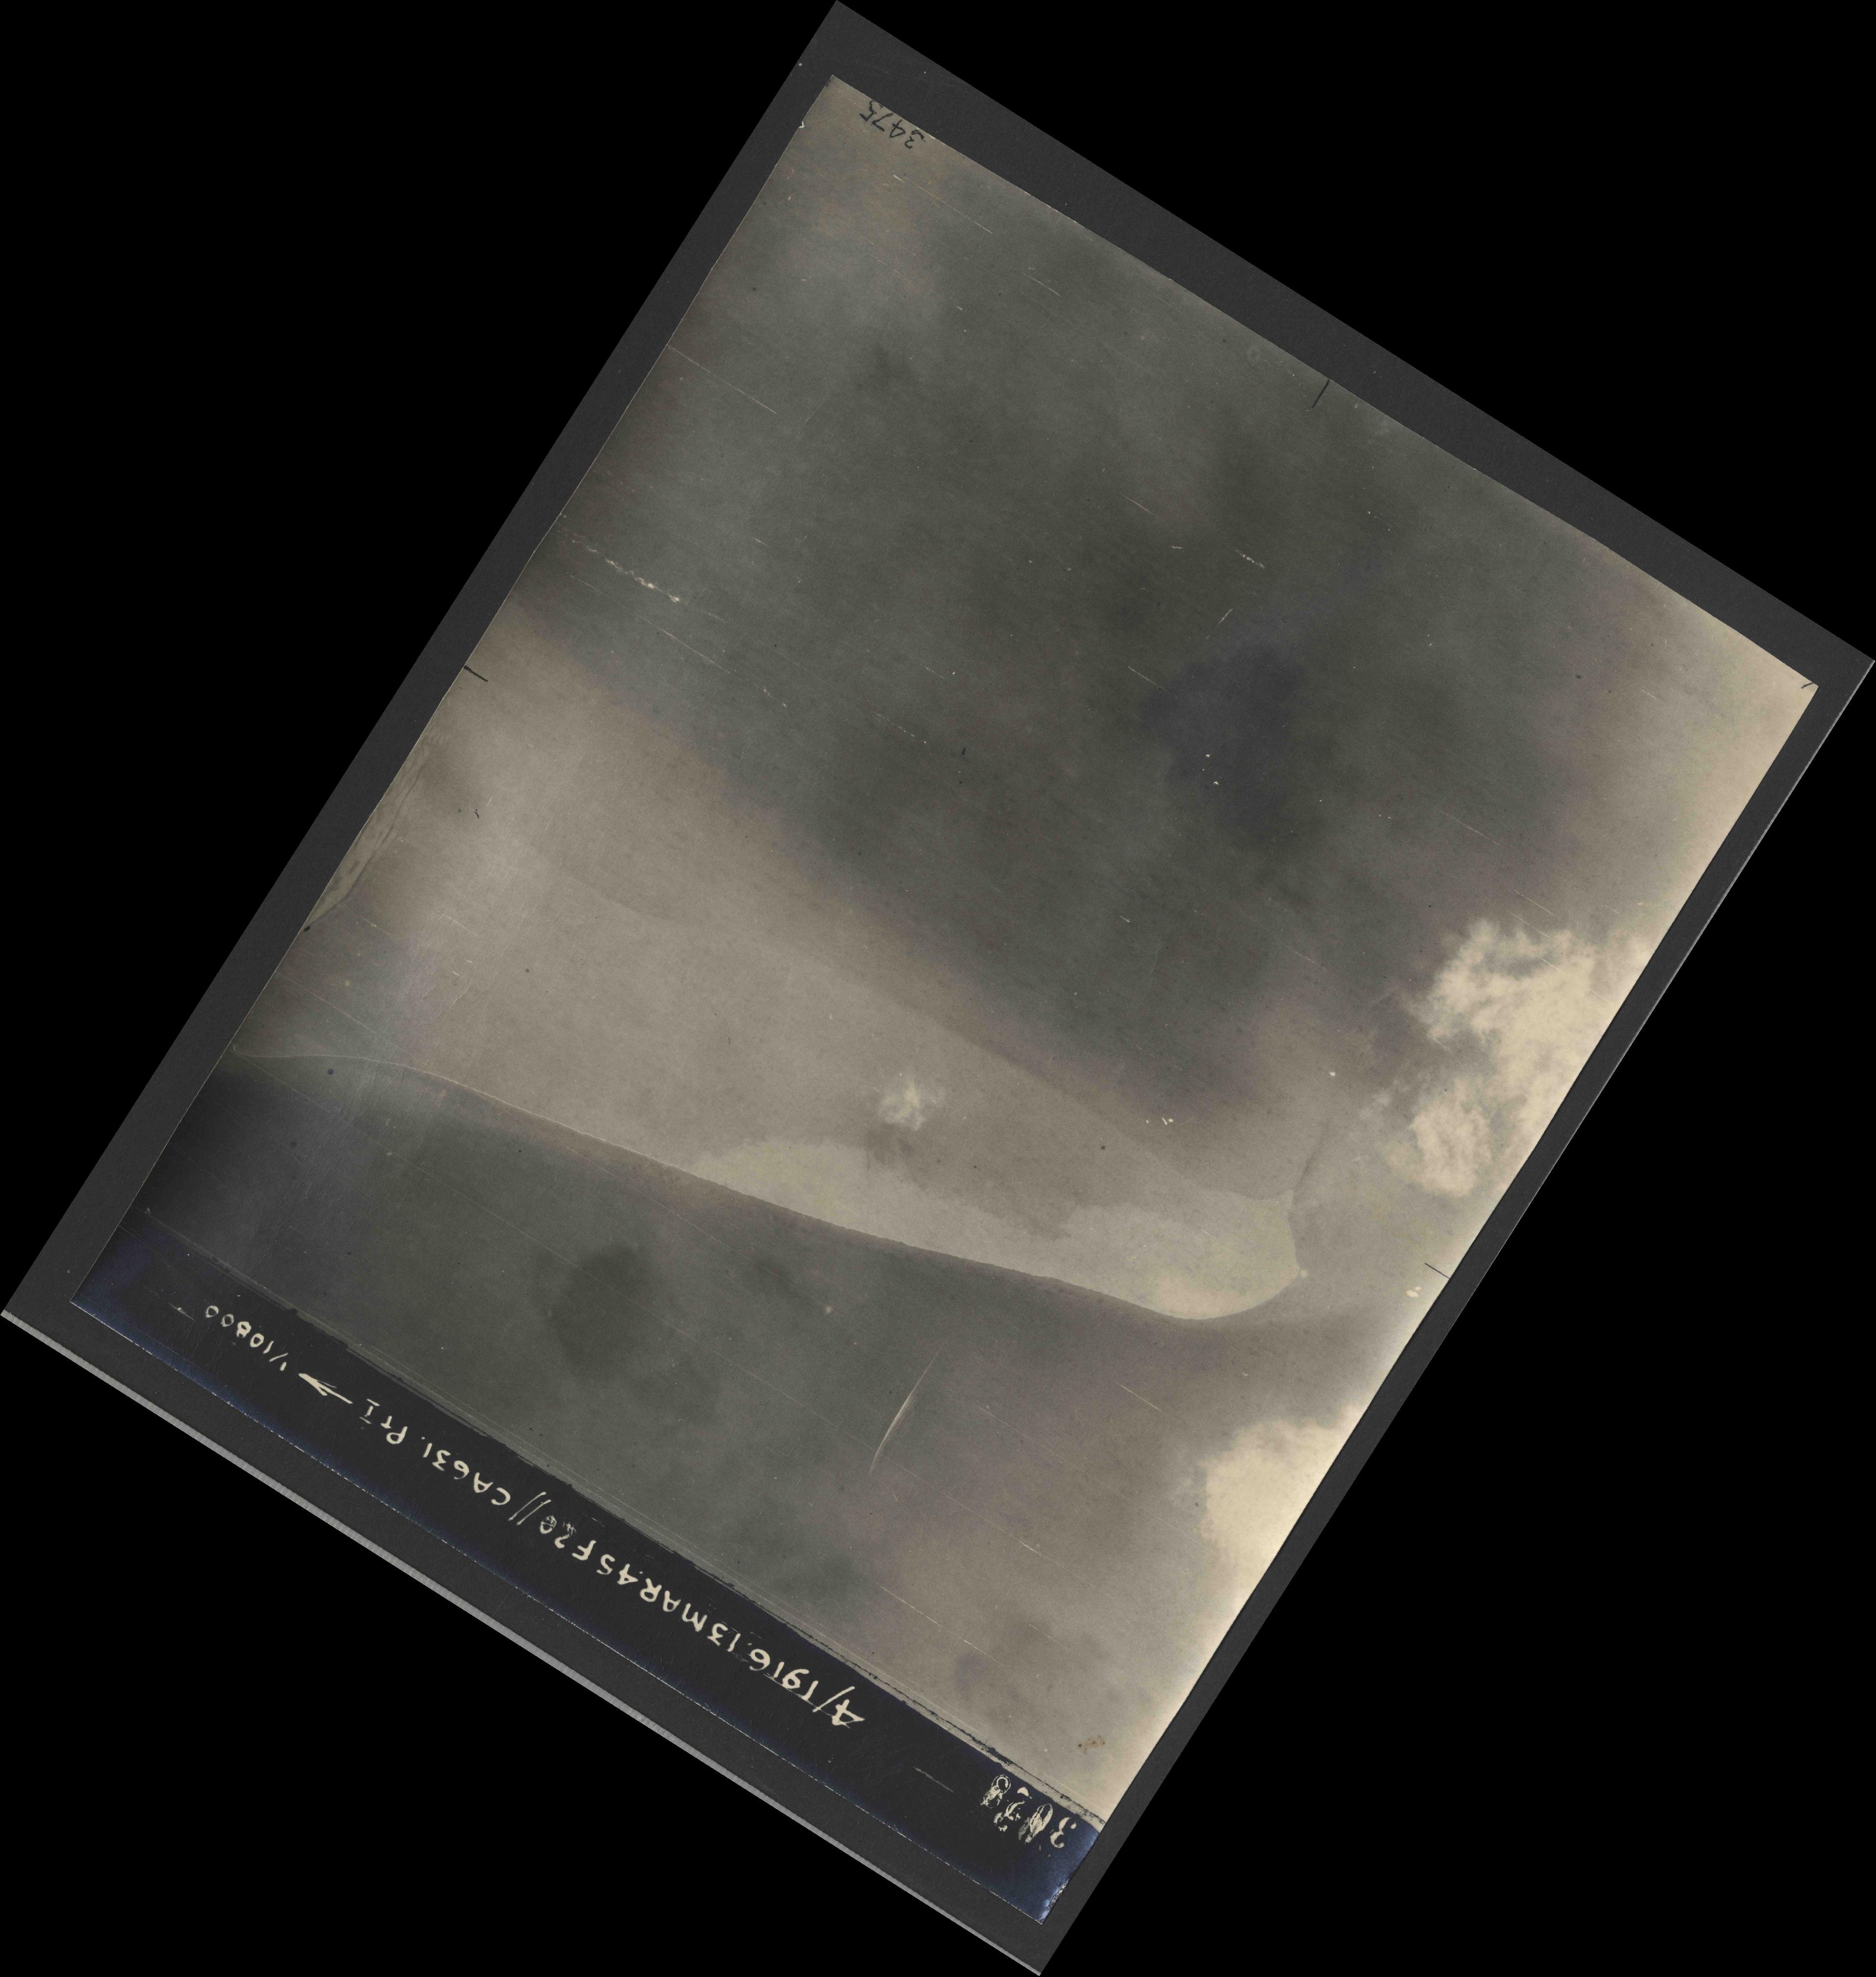 Collection RAF aerial photos 1940-1945 - flight 085, run 06, photo 3028